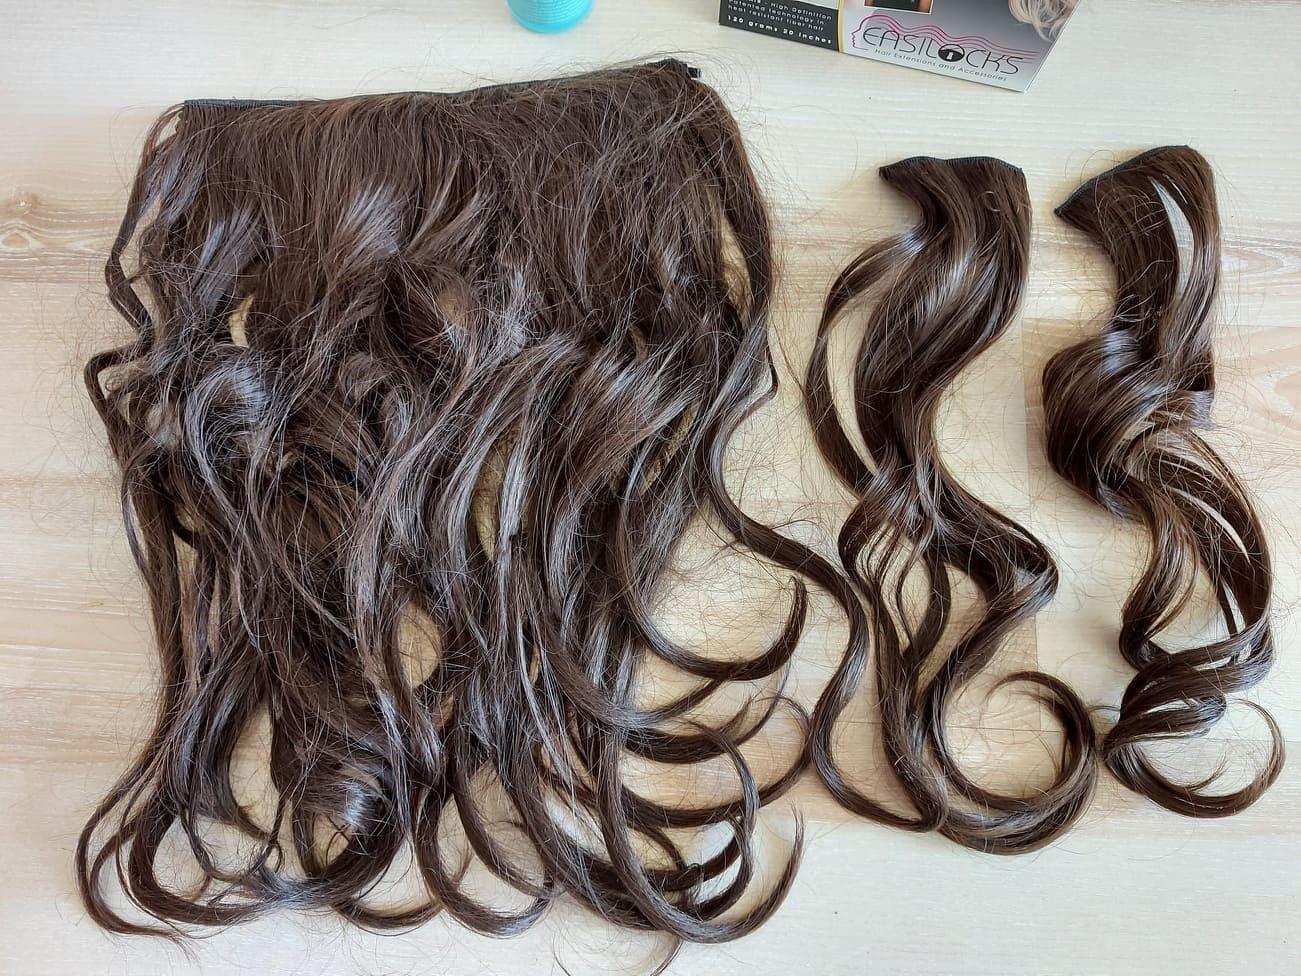 Vlasové klipy - Obrázok č. 1